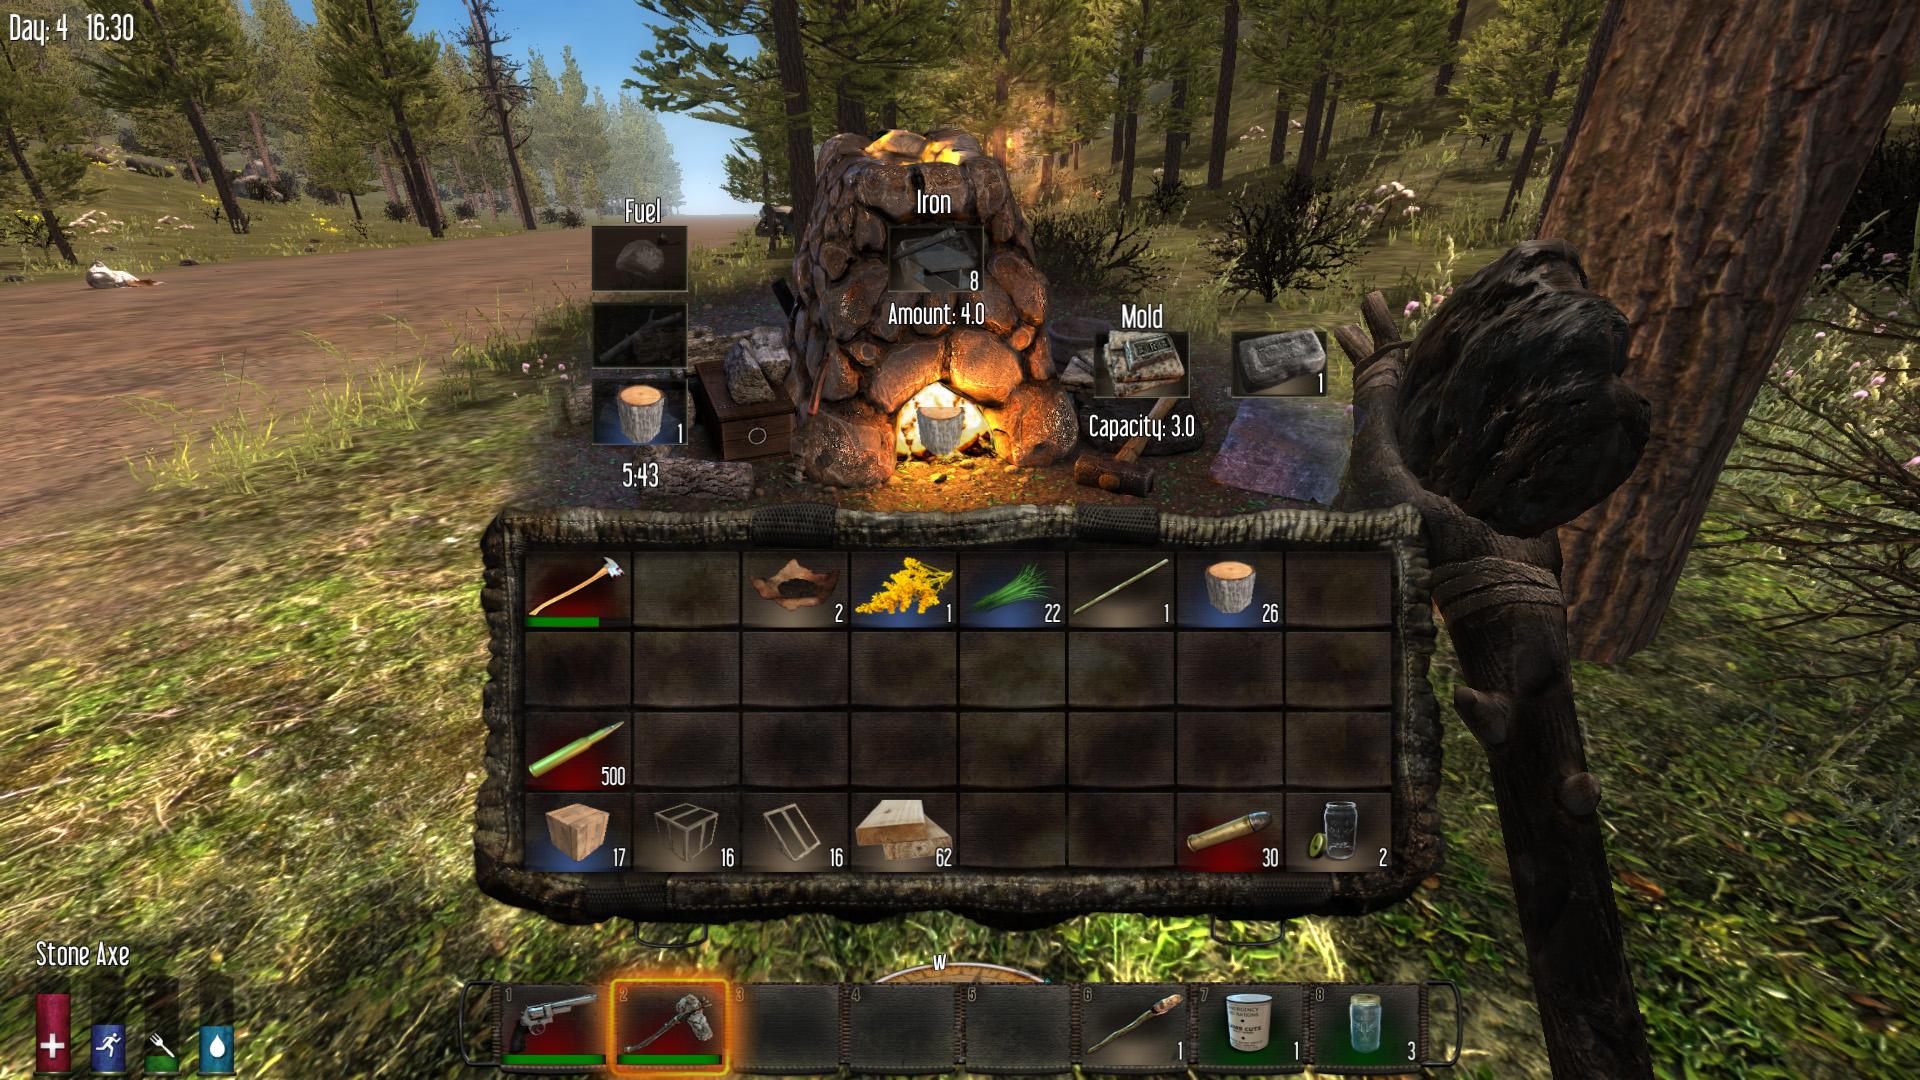 iron игра секреты